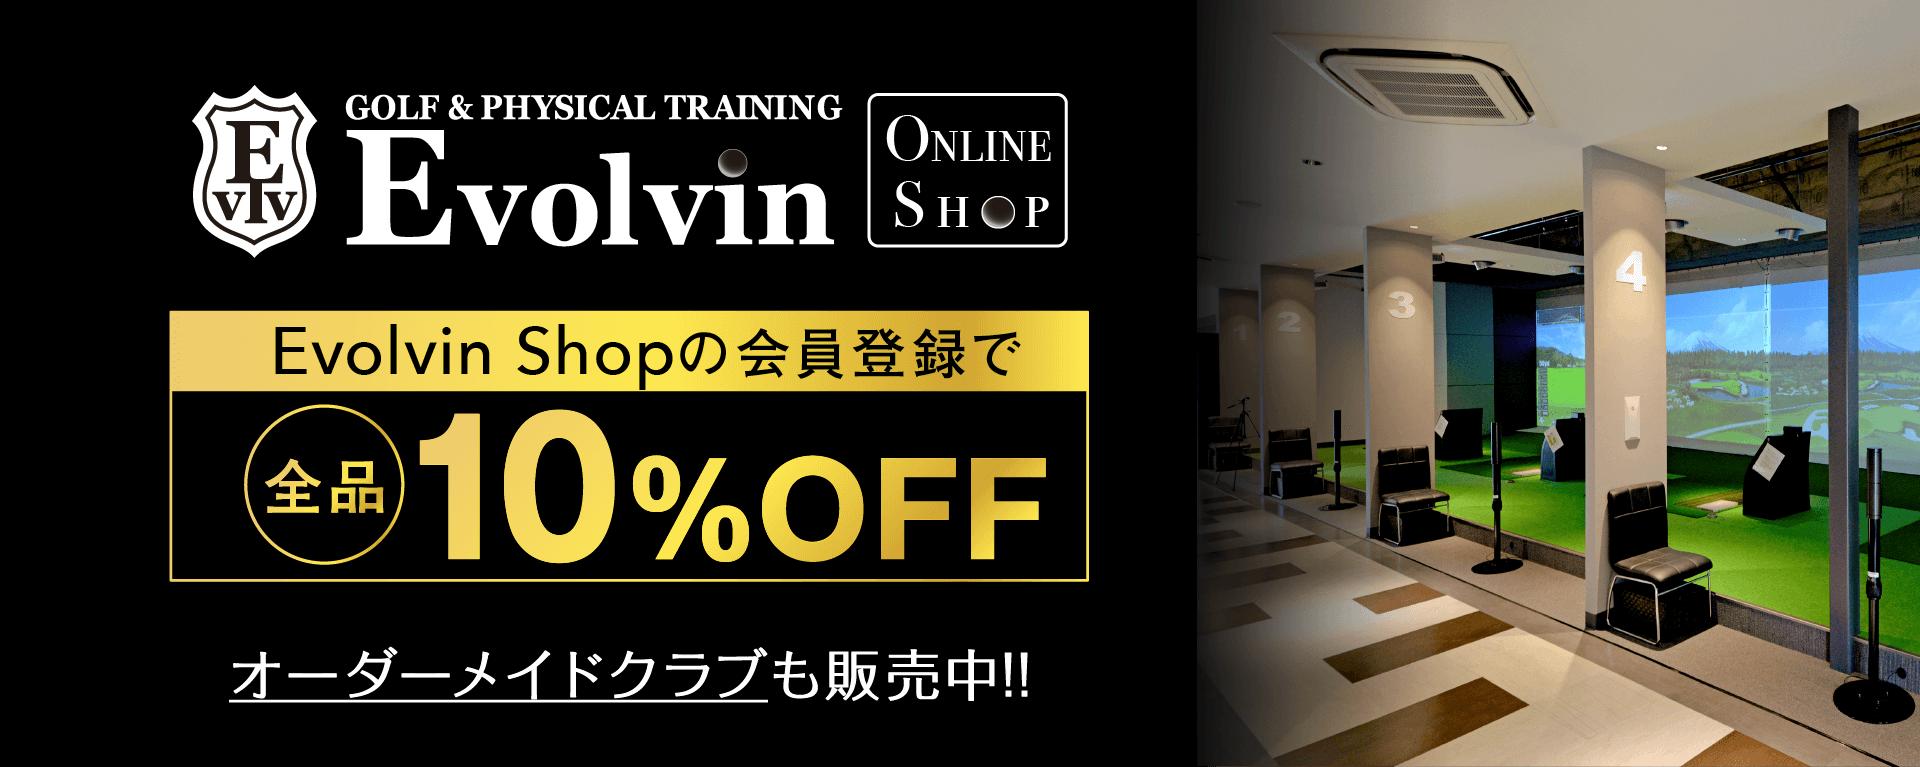 Evolvinショップ会員登録で全品10%OFF!